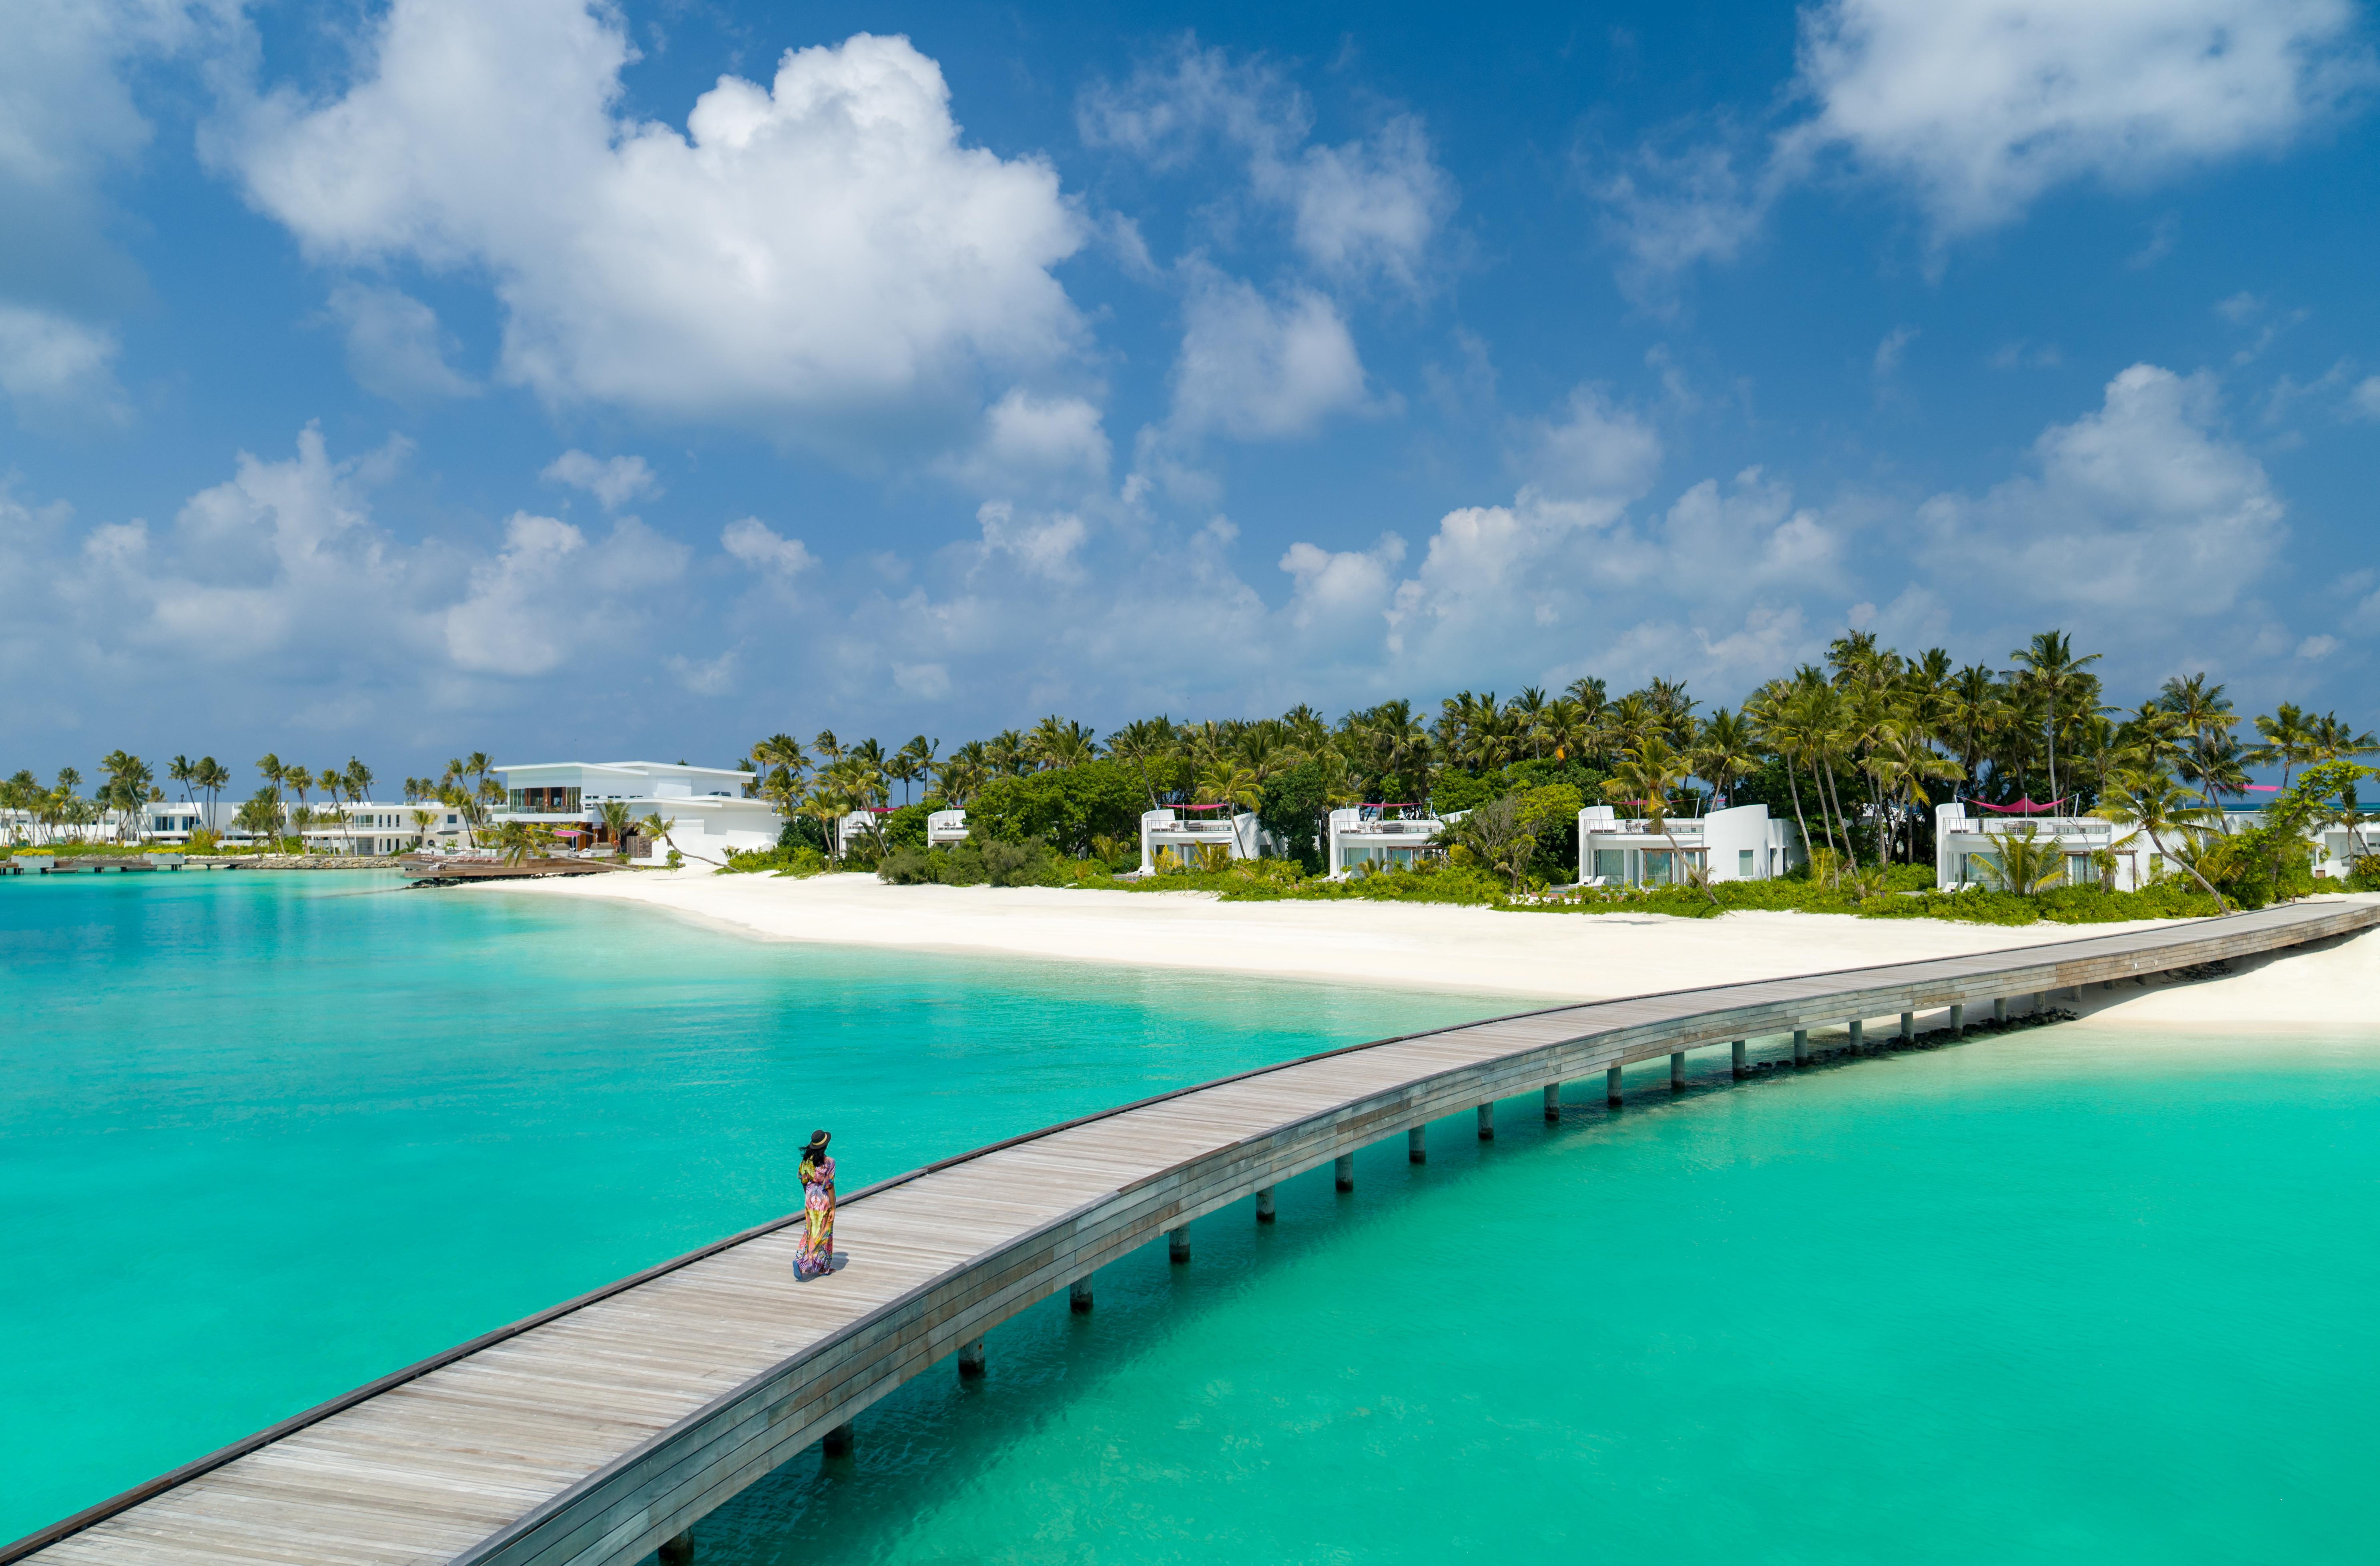 ラックス*ノースマーレアトール<Lux* North Male Atoll >